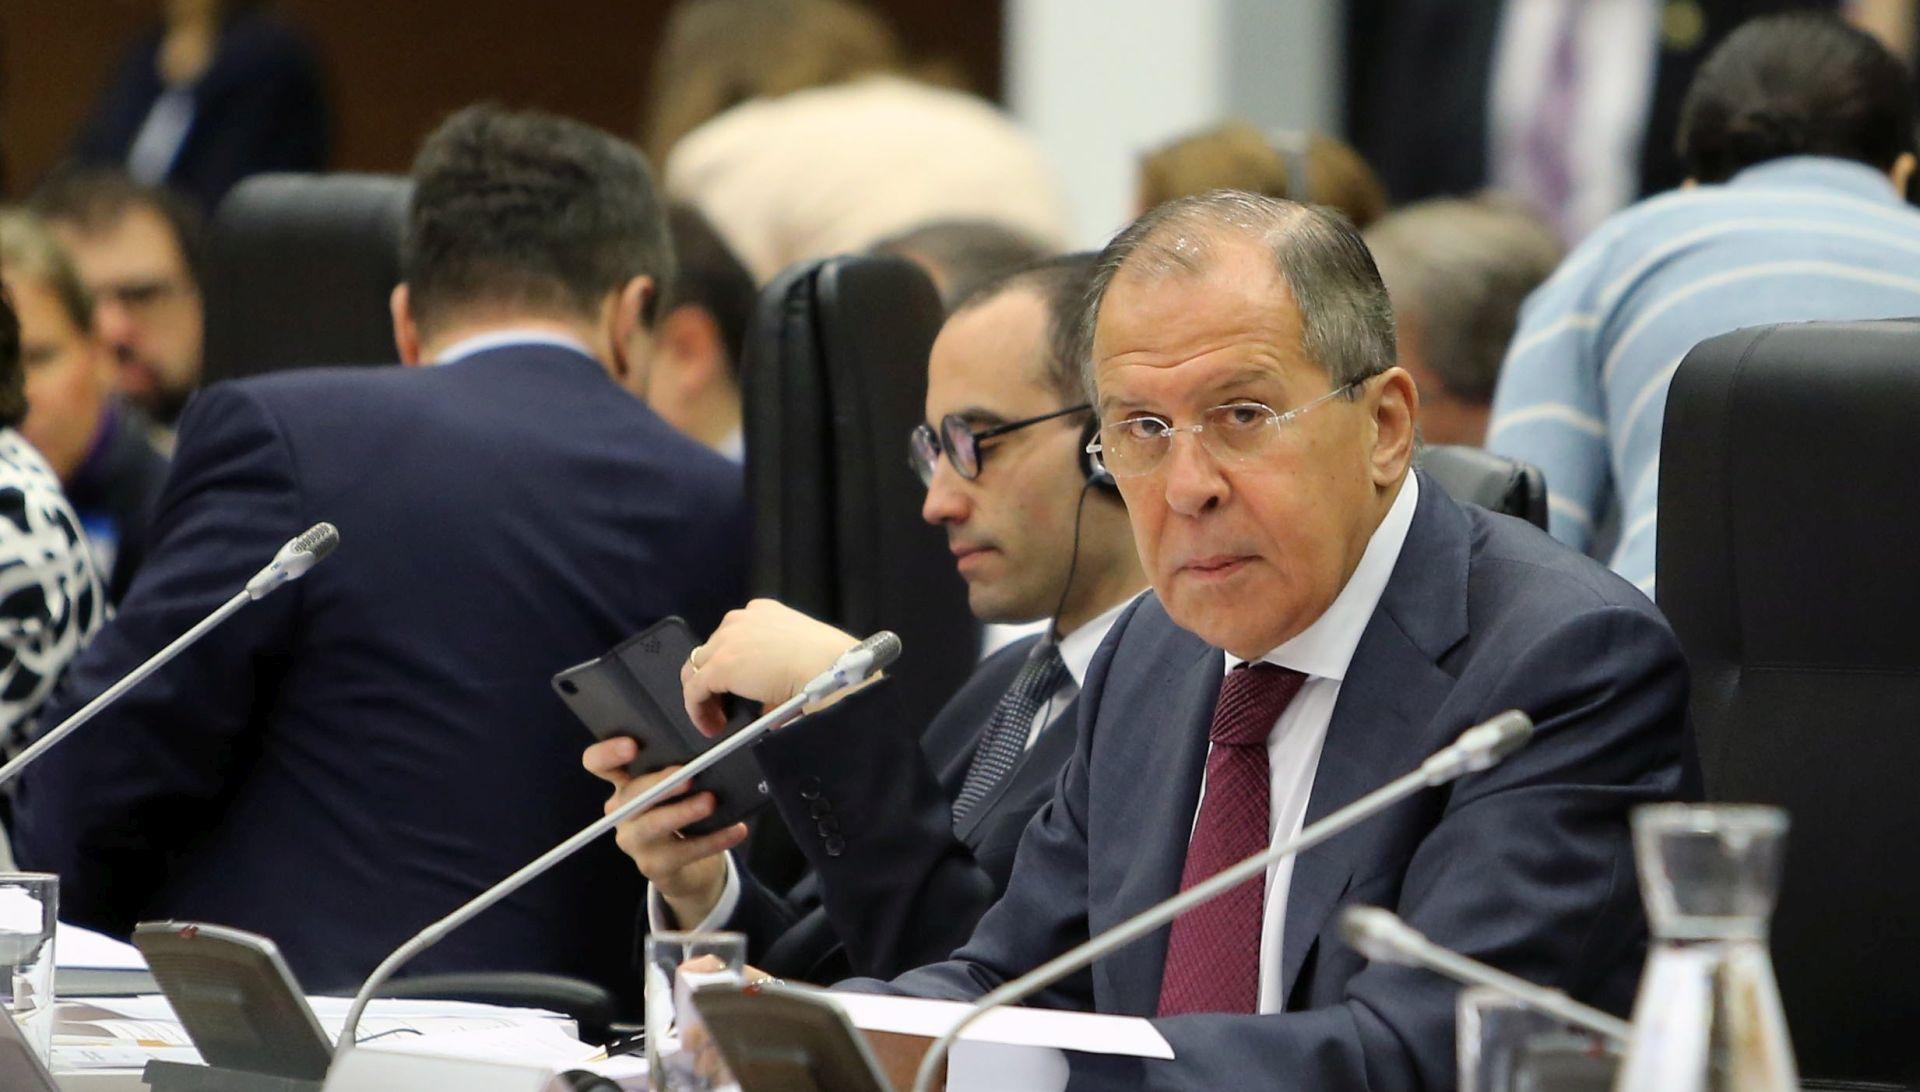 Lavrov rekao da nije s Trumpom razgovarao o Comeyevom otpuštanju